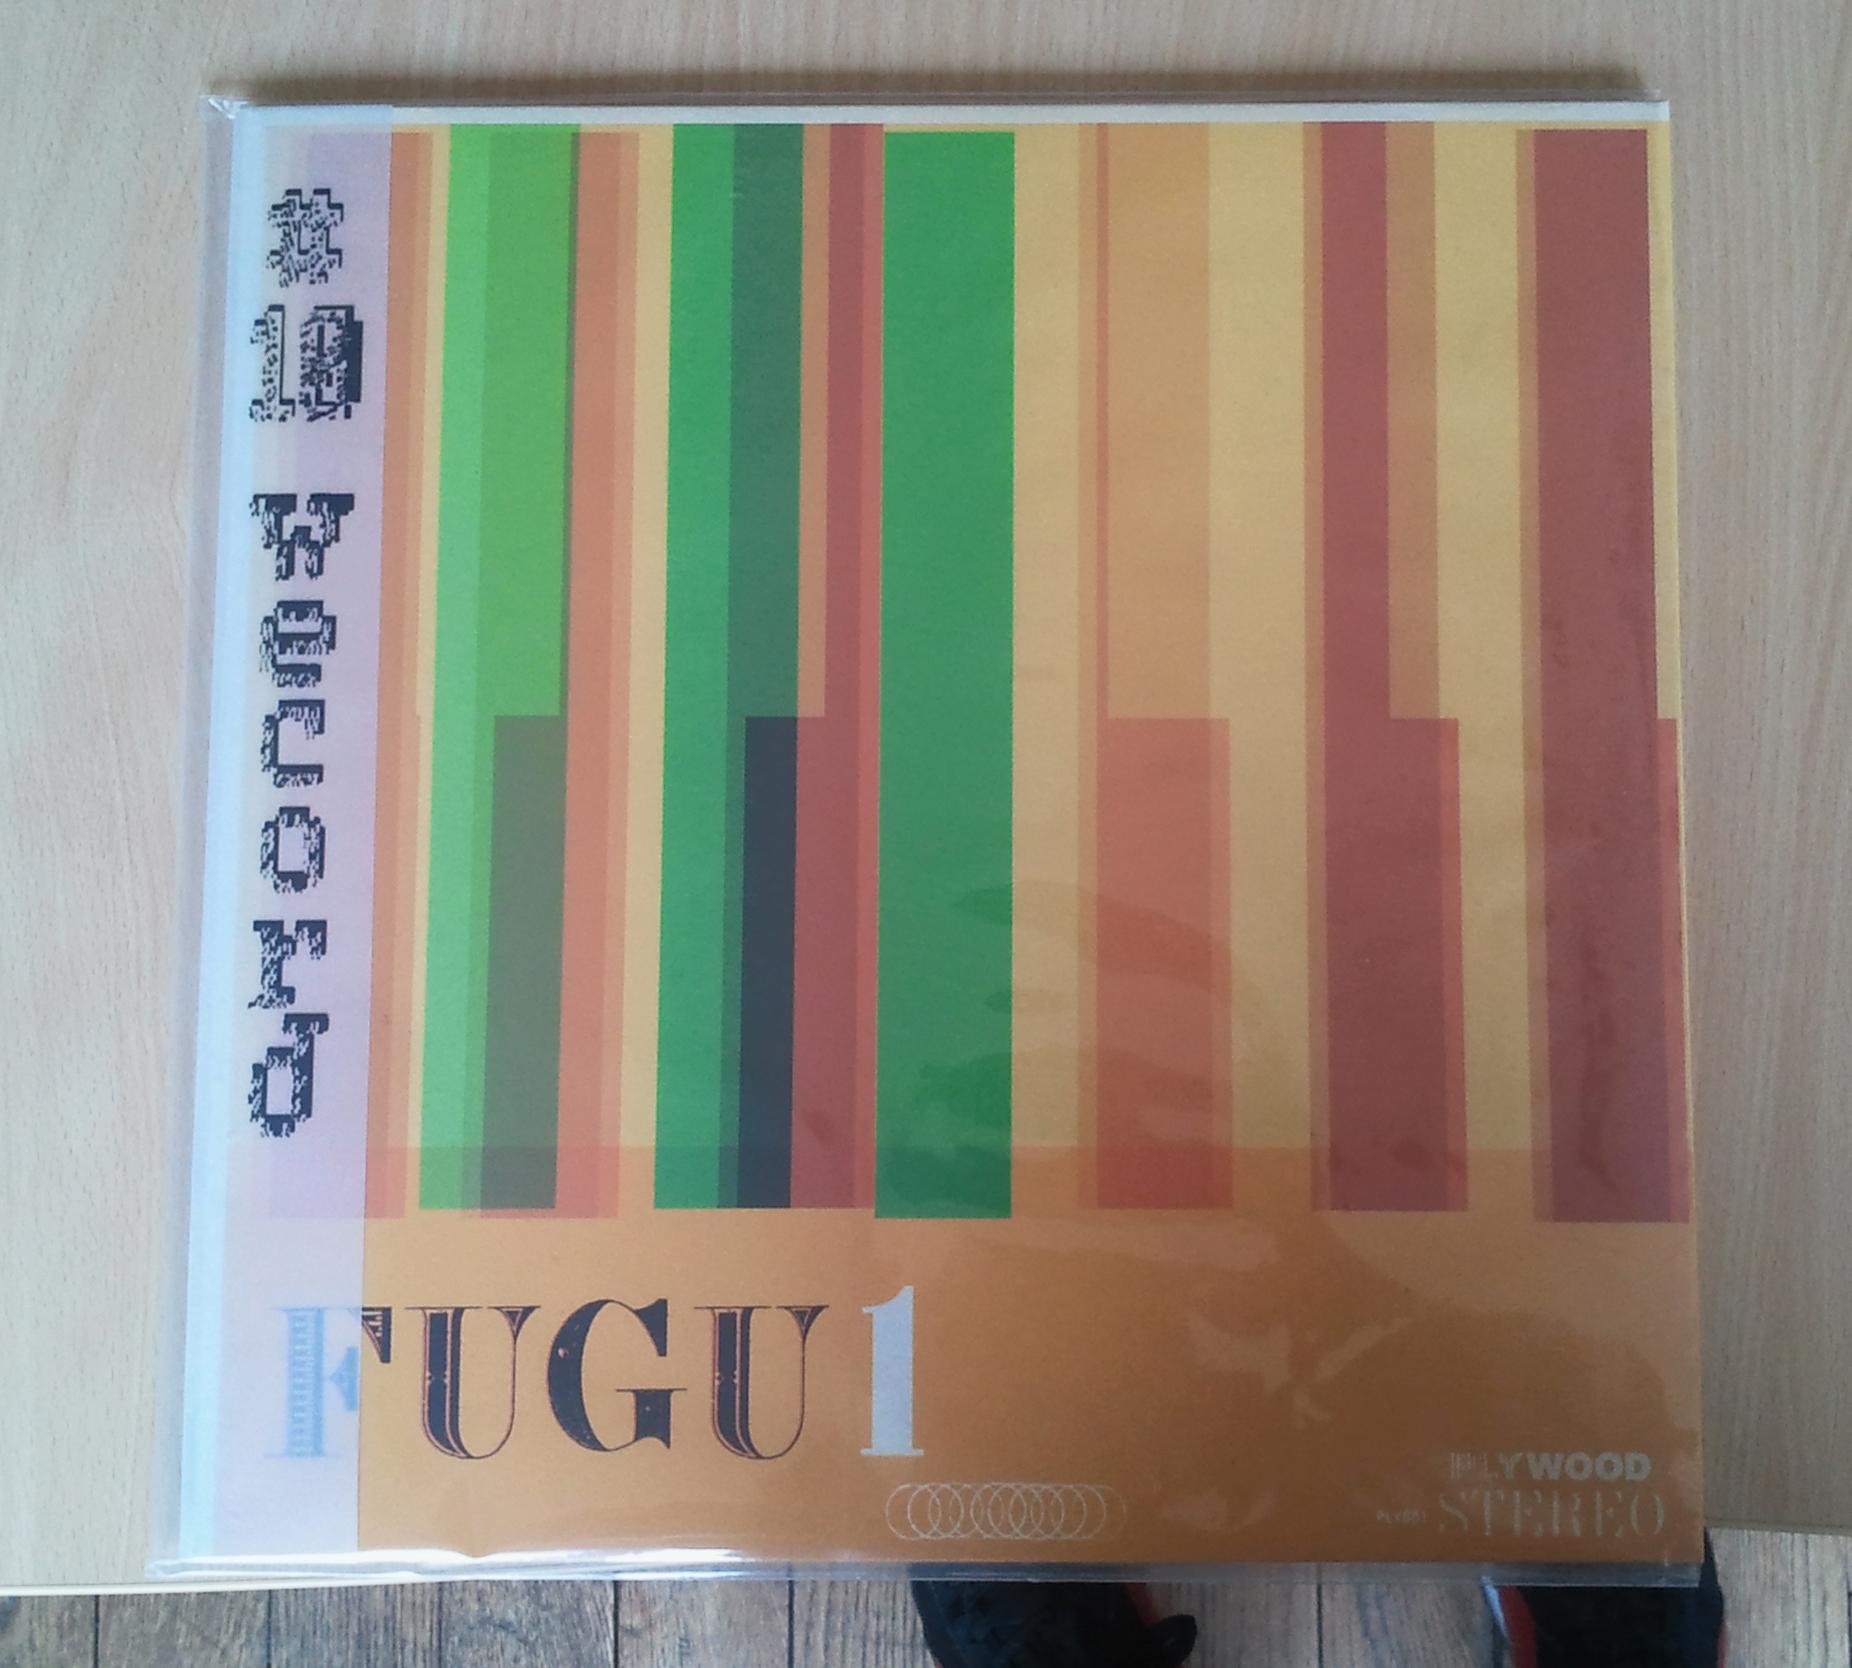 fugu-1-avec-obi